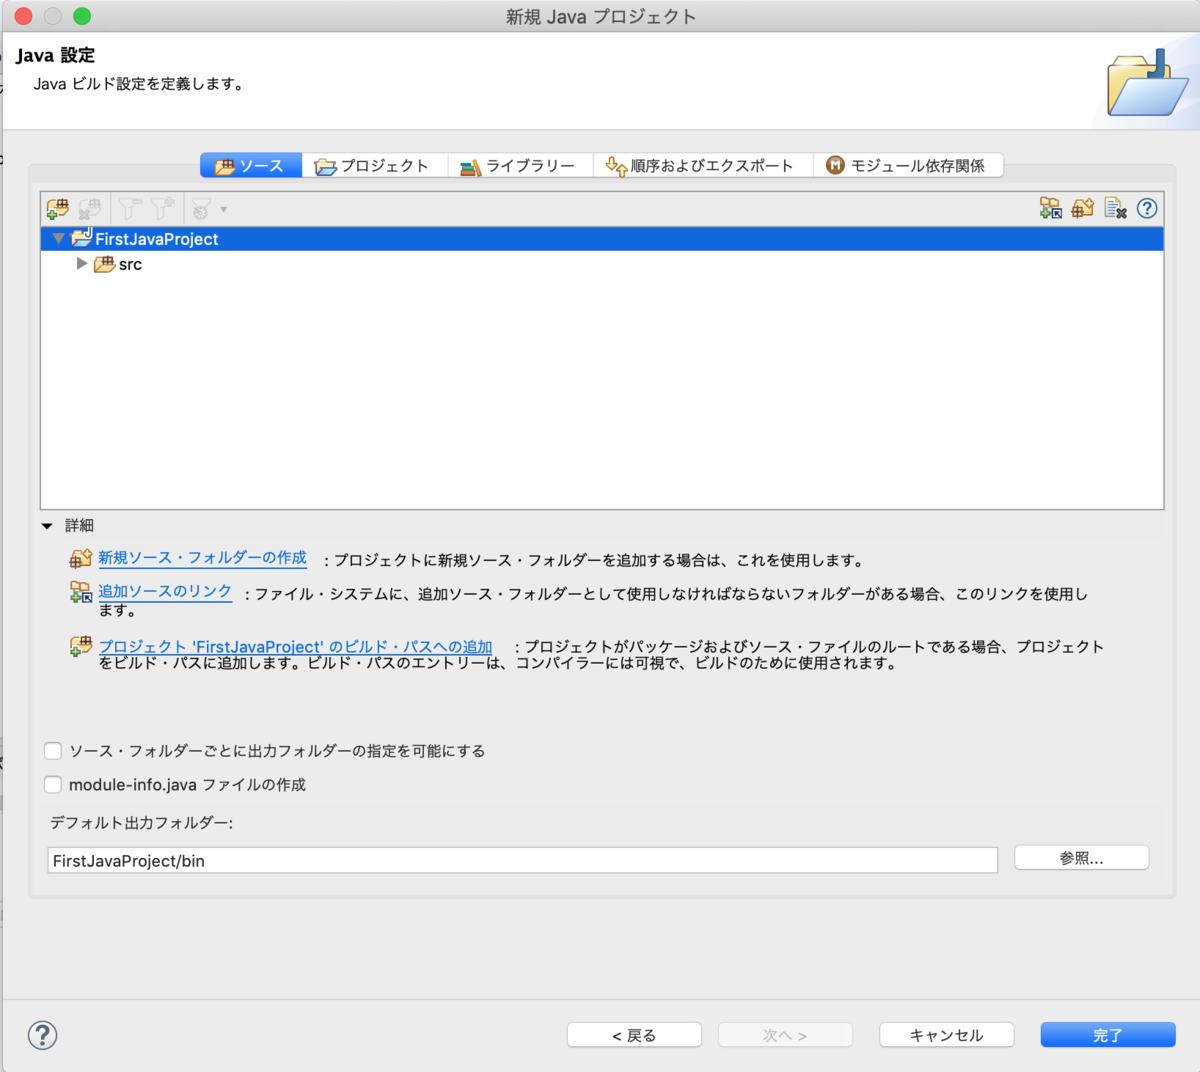 Javaプロジェクト作成ダイアログの第2画面